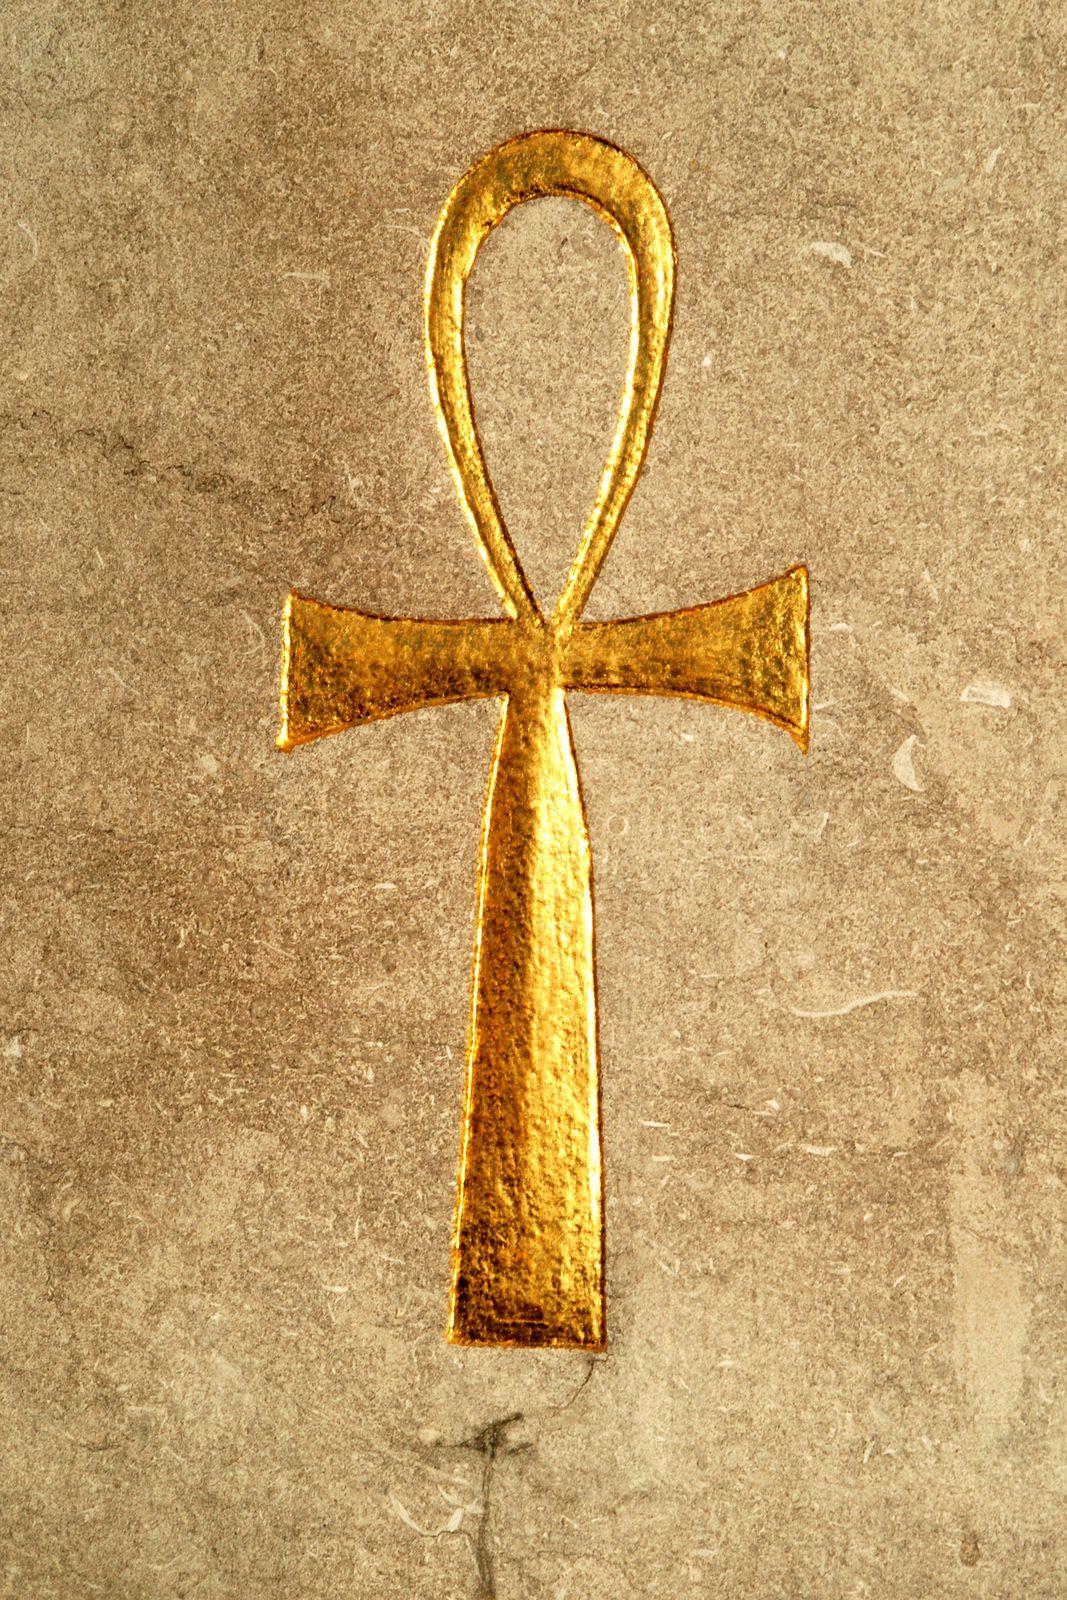 Ankh-Mausolée de Goblet d'Alviella